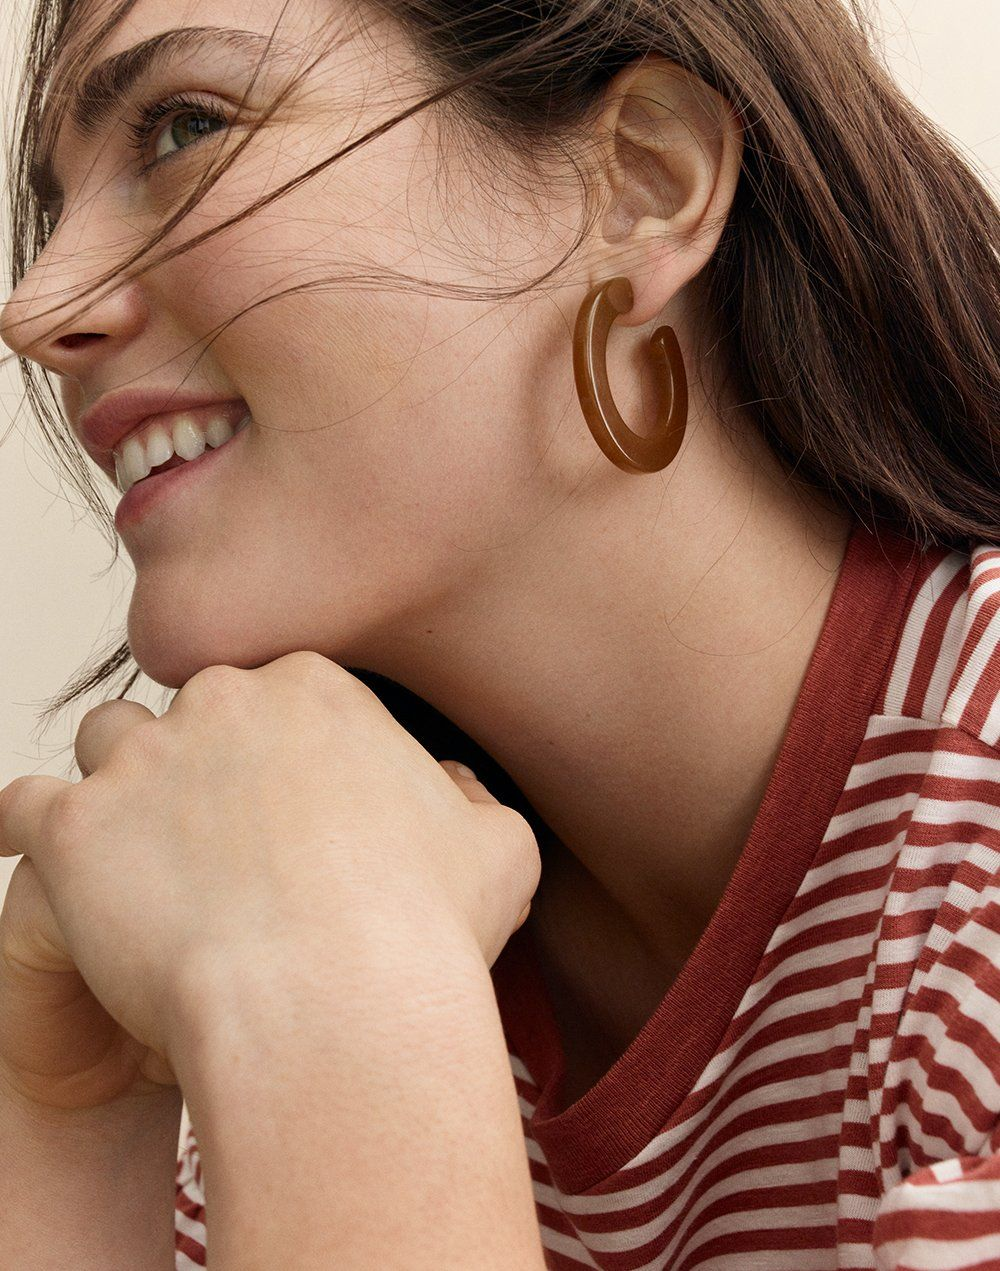 05af0afa9db9f Striped Resin Hoop Earrings | seasons change / looks we love ...